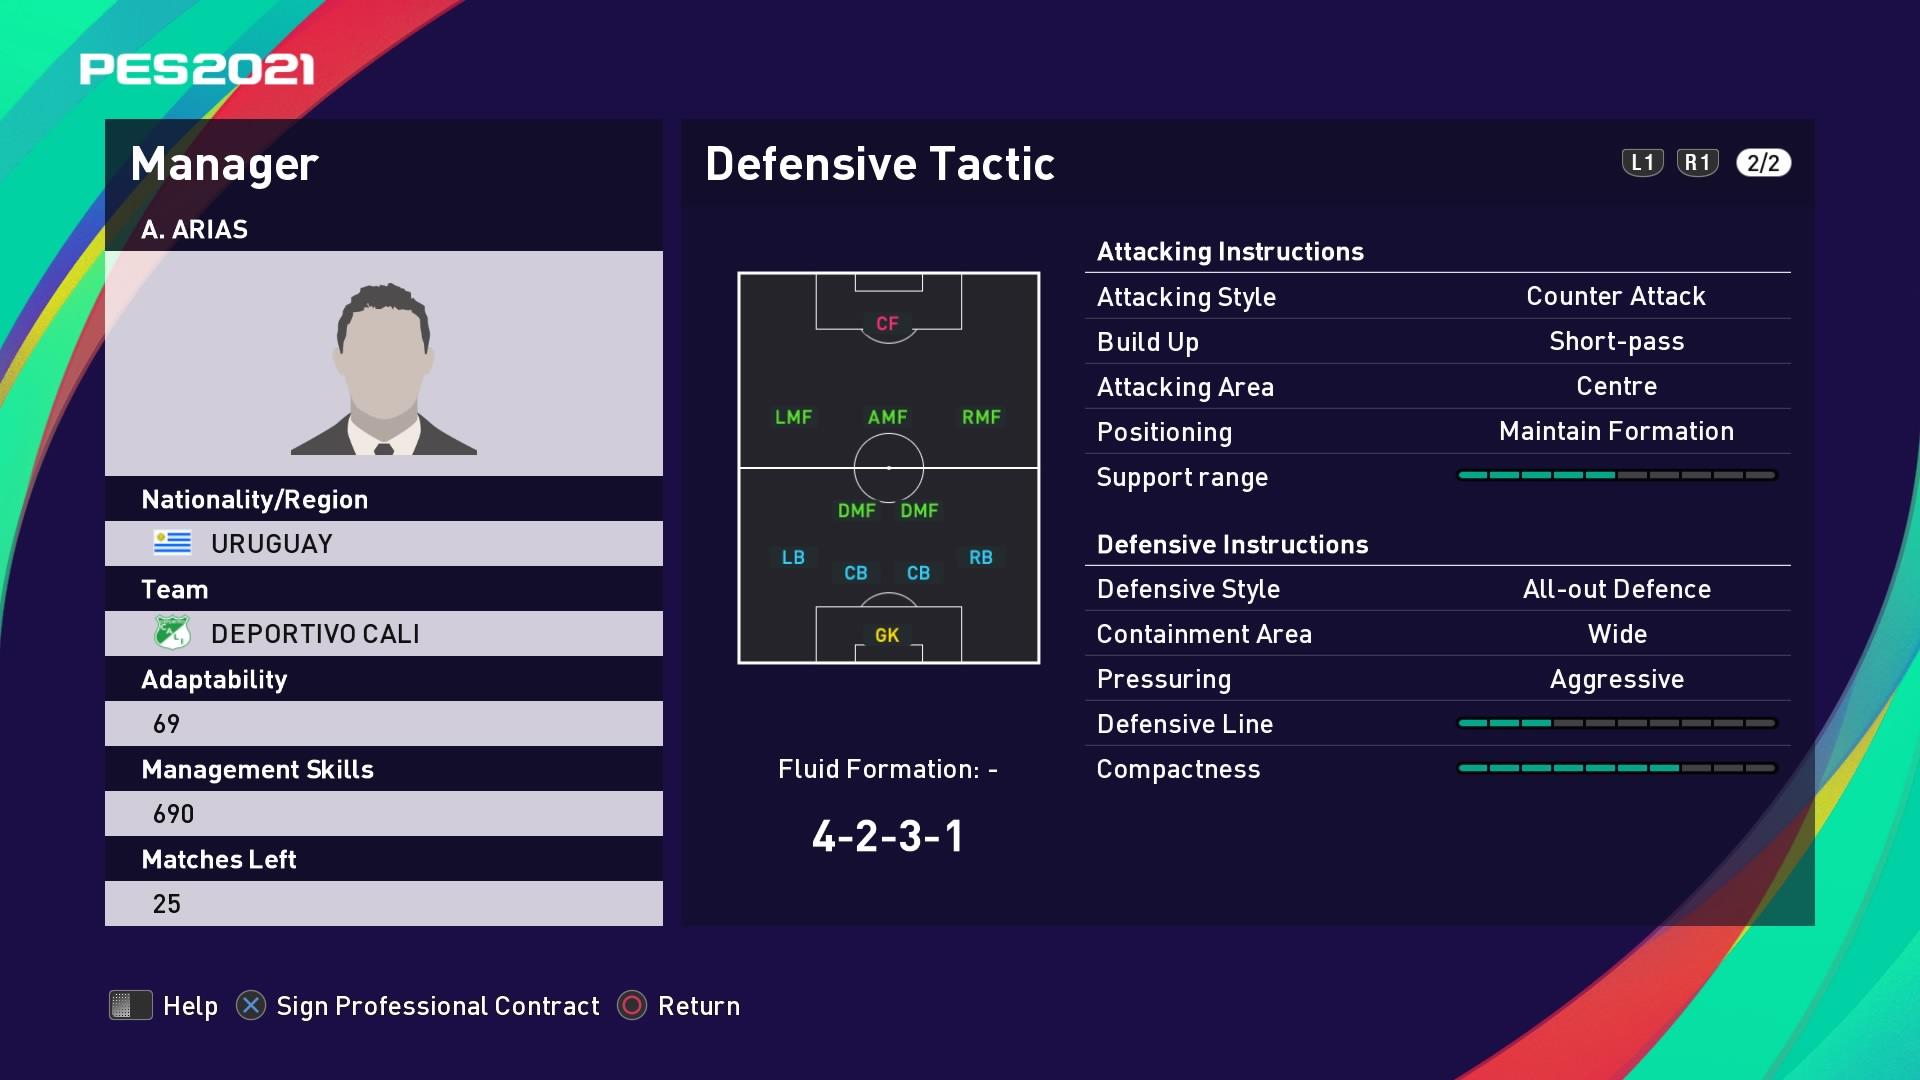 A. Arias (Alfredo Arias) Defensive Tactic in PES 2021 myClub